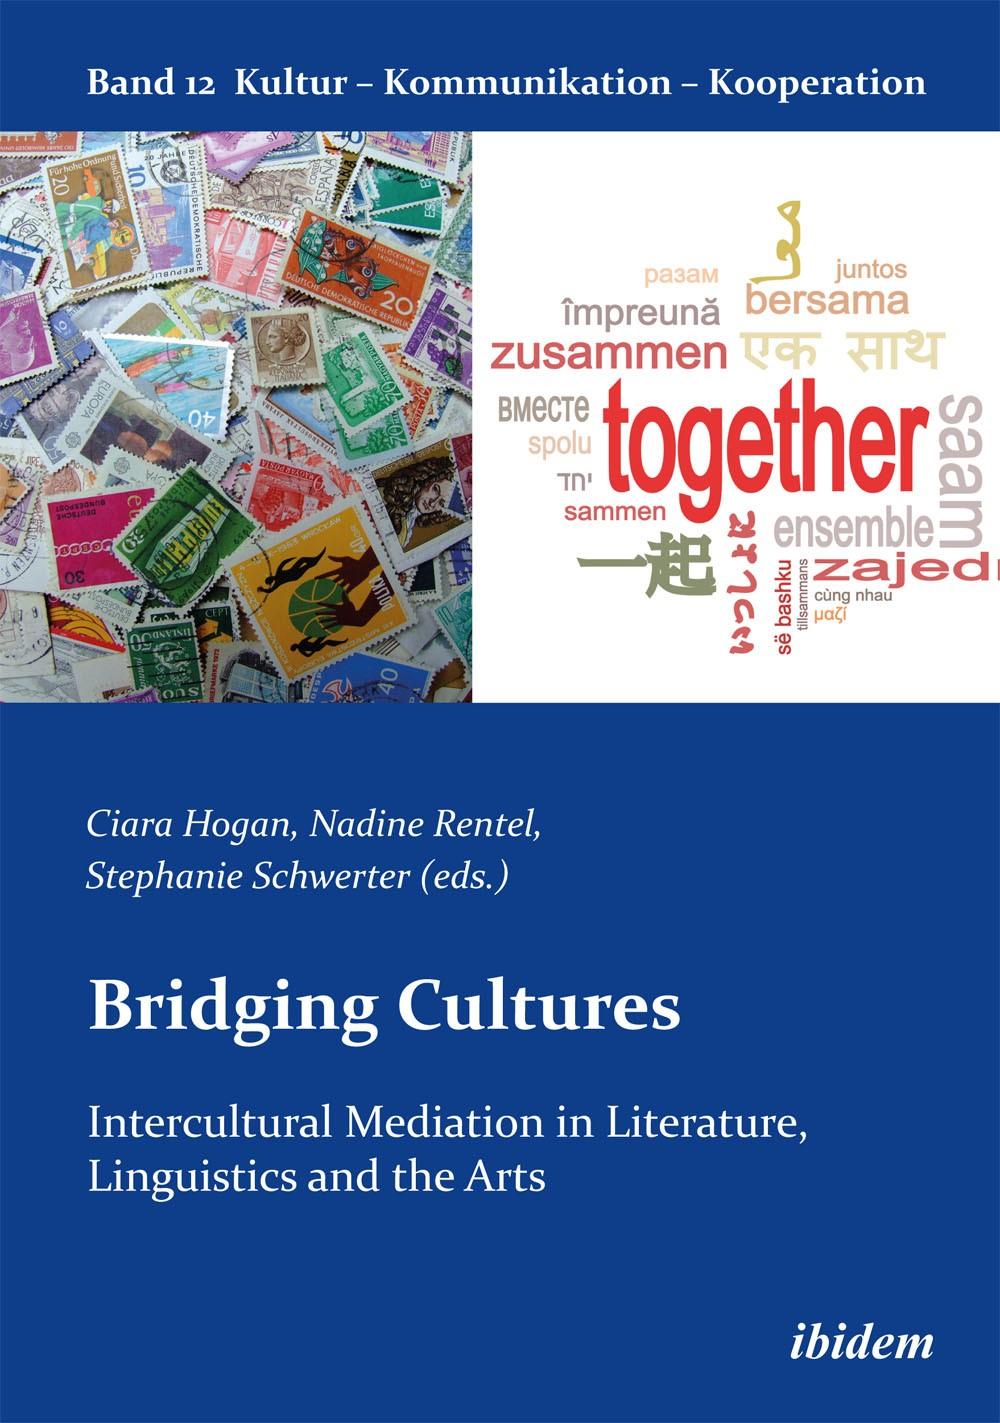 Bridging Cultures: Intercultural Mediation in Literature, Linguistics and the Arts